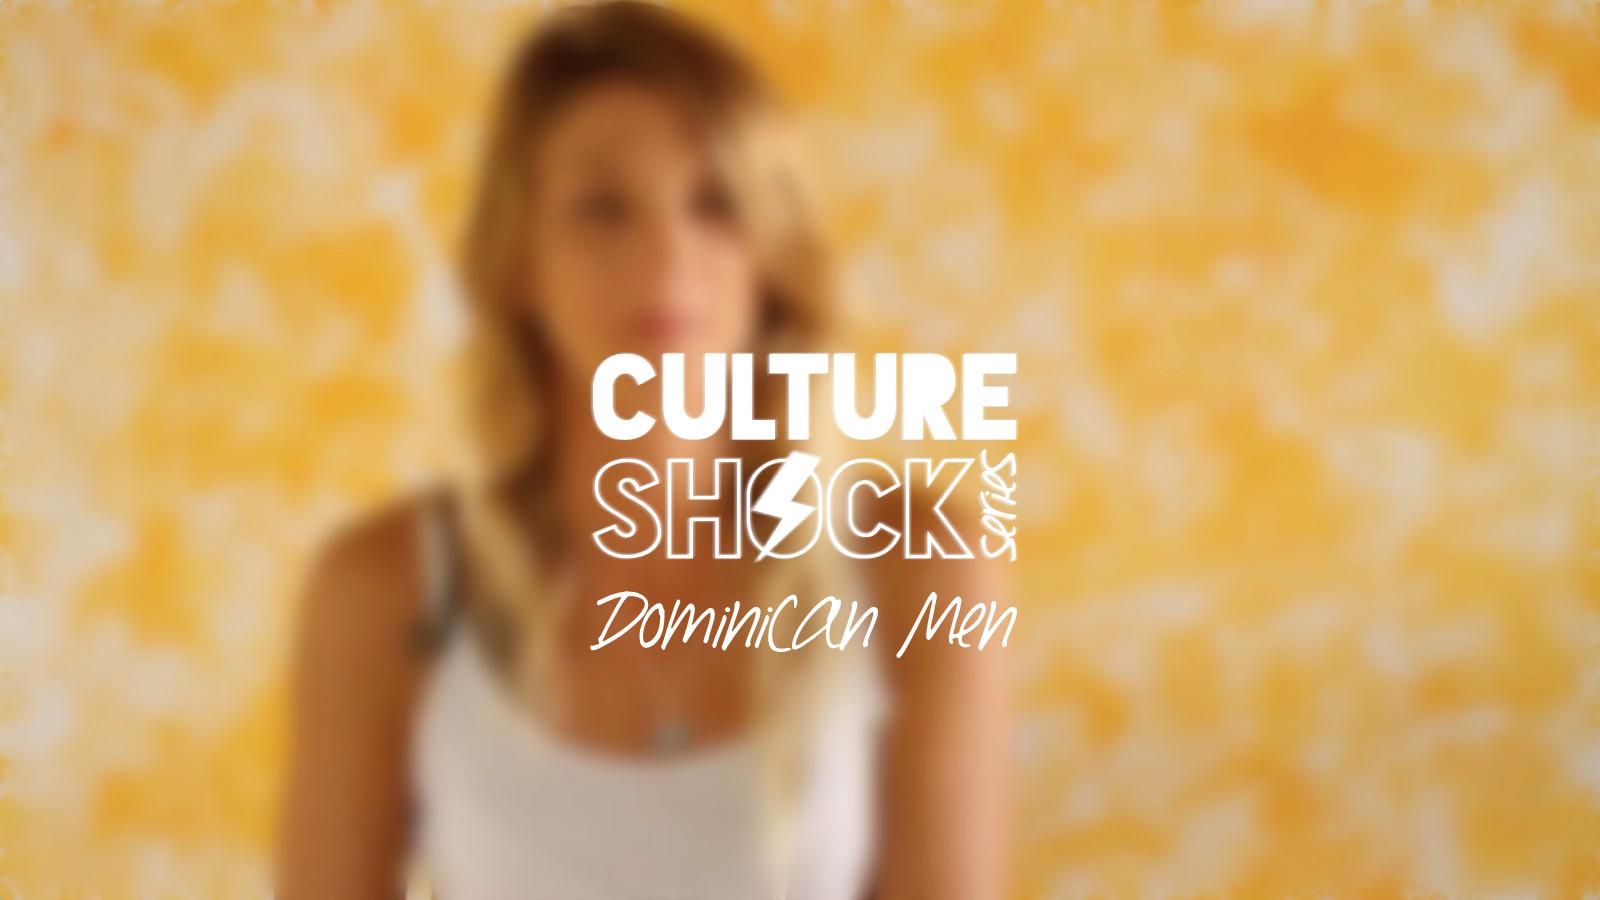 culture shock series, culture, dominican republic, guys, dominican men, http://wetravelandblog.com